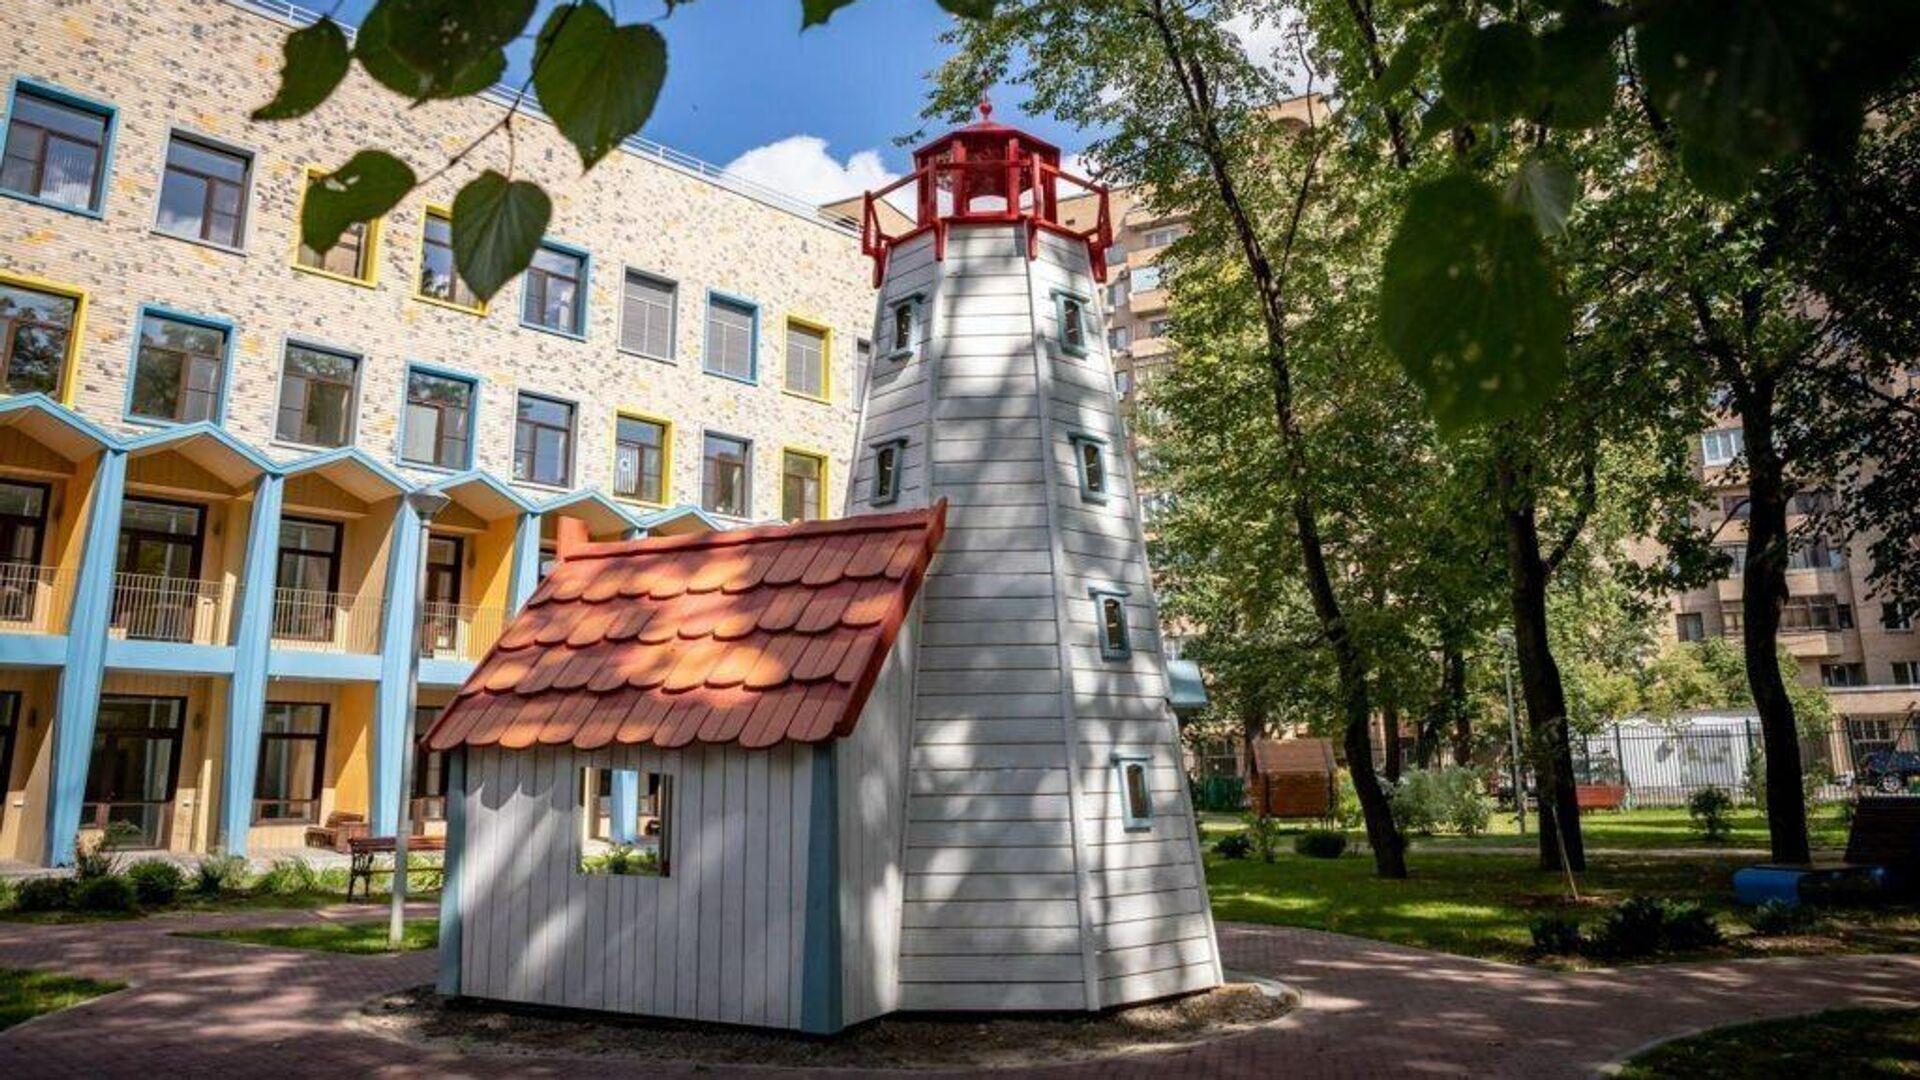 Московский хоспис Дом с маяком - РИА Новости, 1920, 11.12.2020